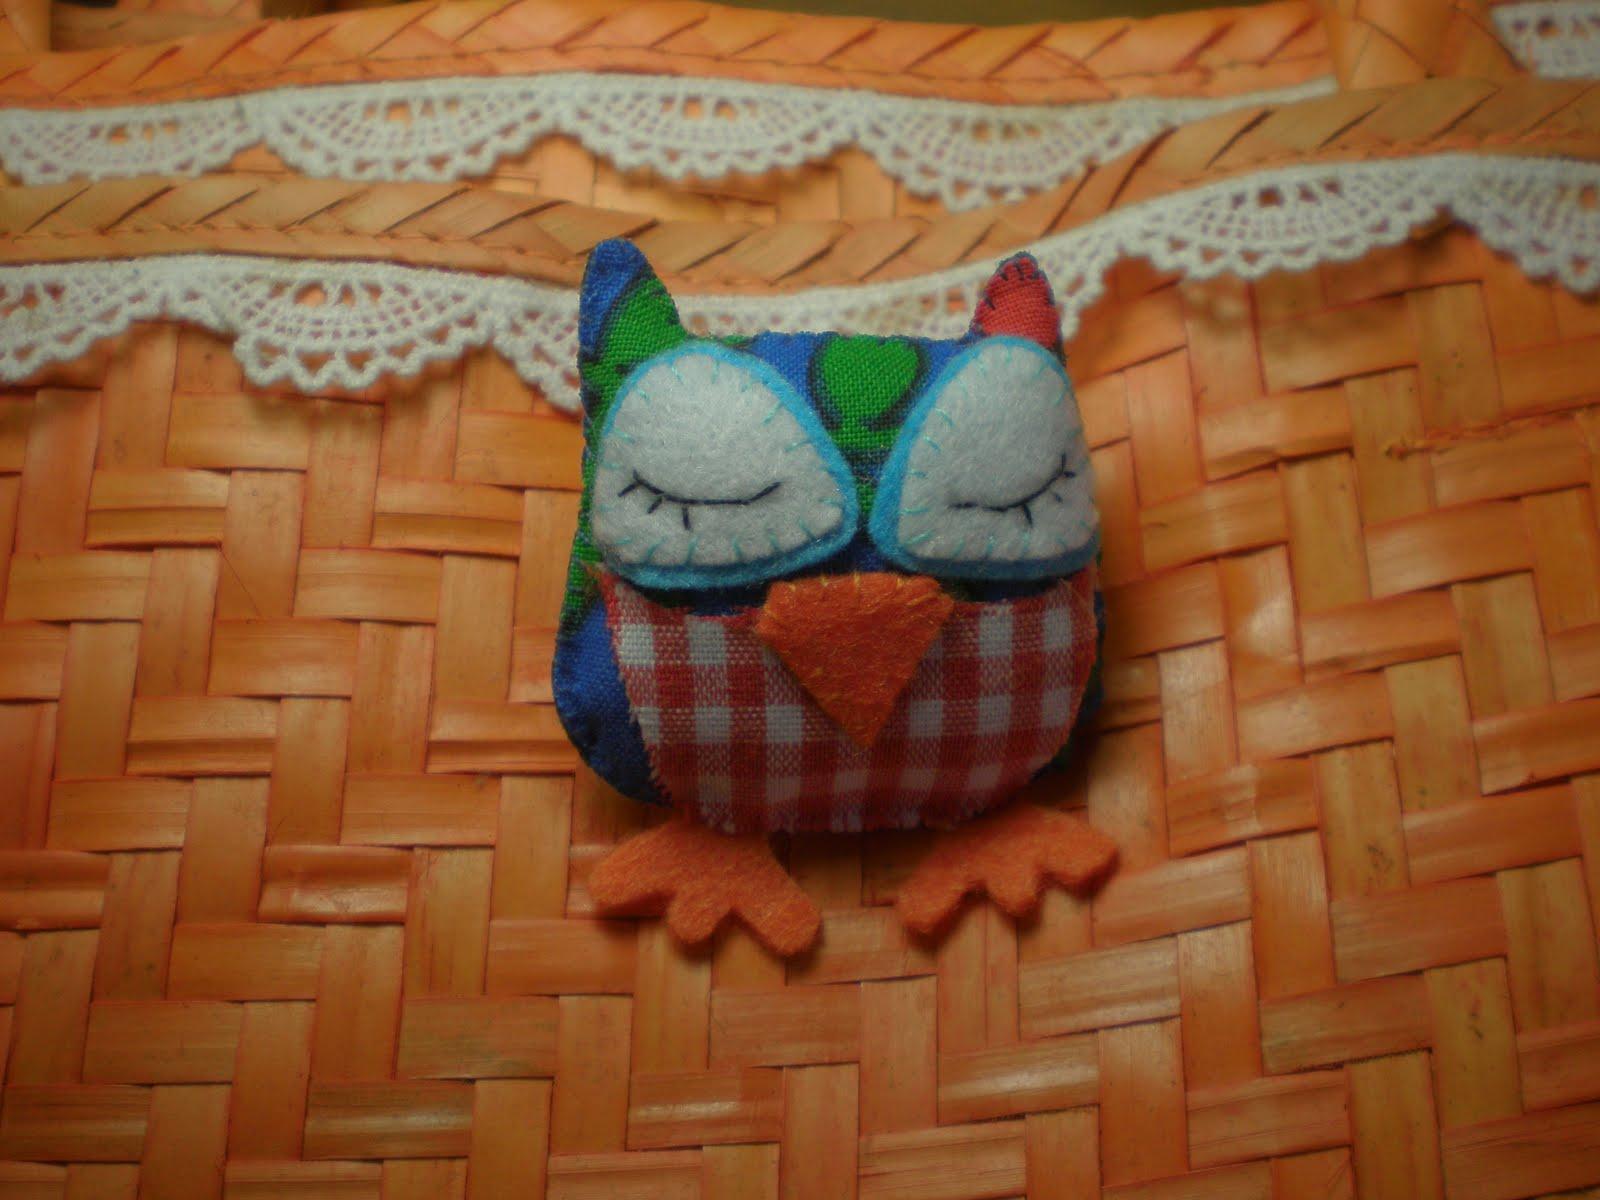 http://1.bp.blogspot.com/_aQGitK9uS6I/TDtjISmKDtI/AAAAAAAACqk/72wos3PKjDQ/s1600/buhos+057.jpg